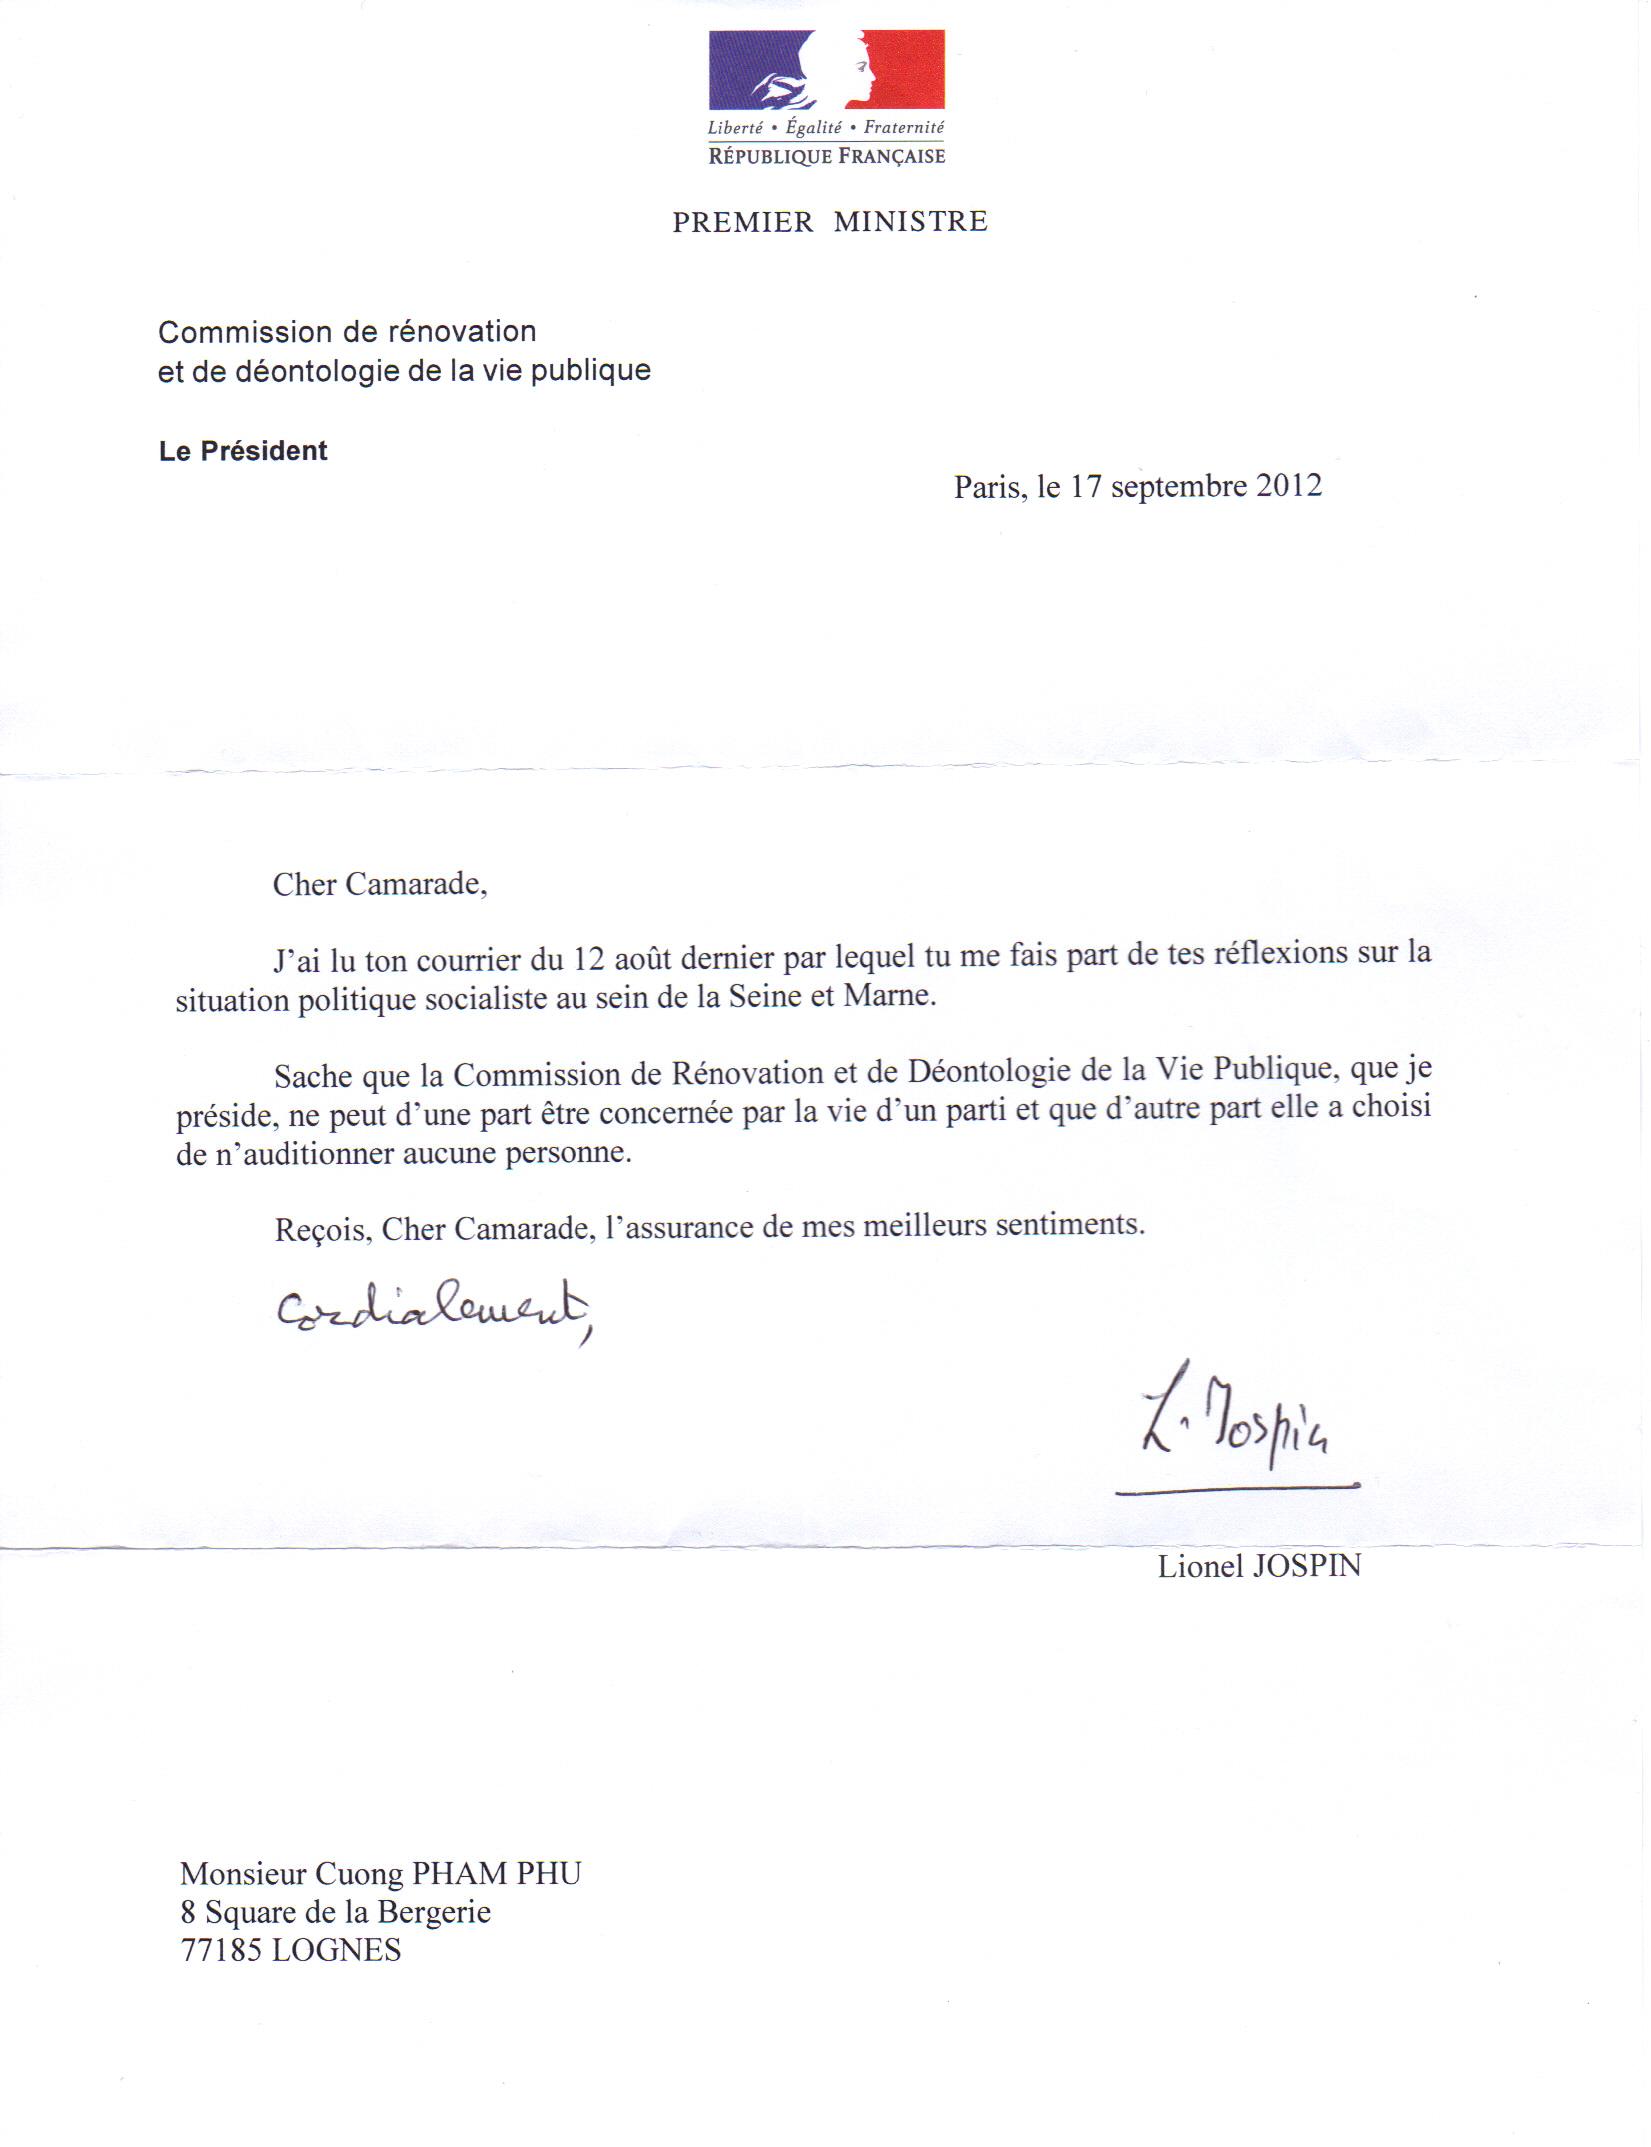 lettre-de-lionel-jospin.JPG